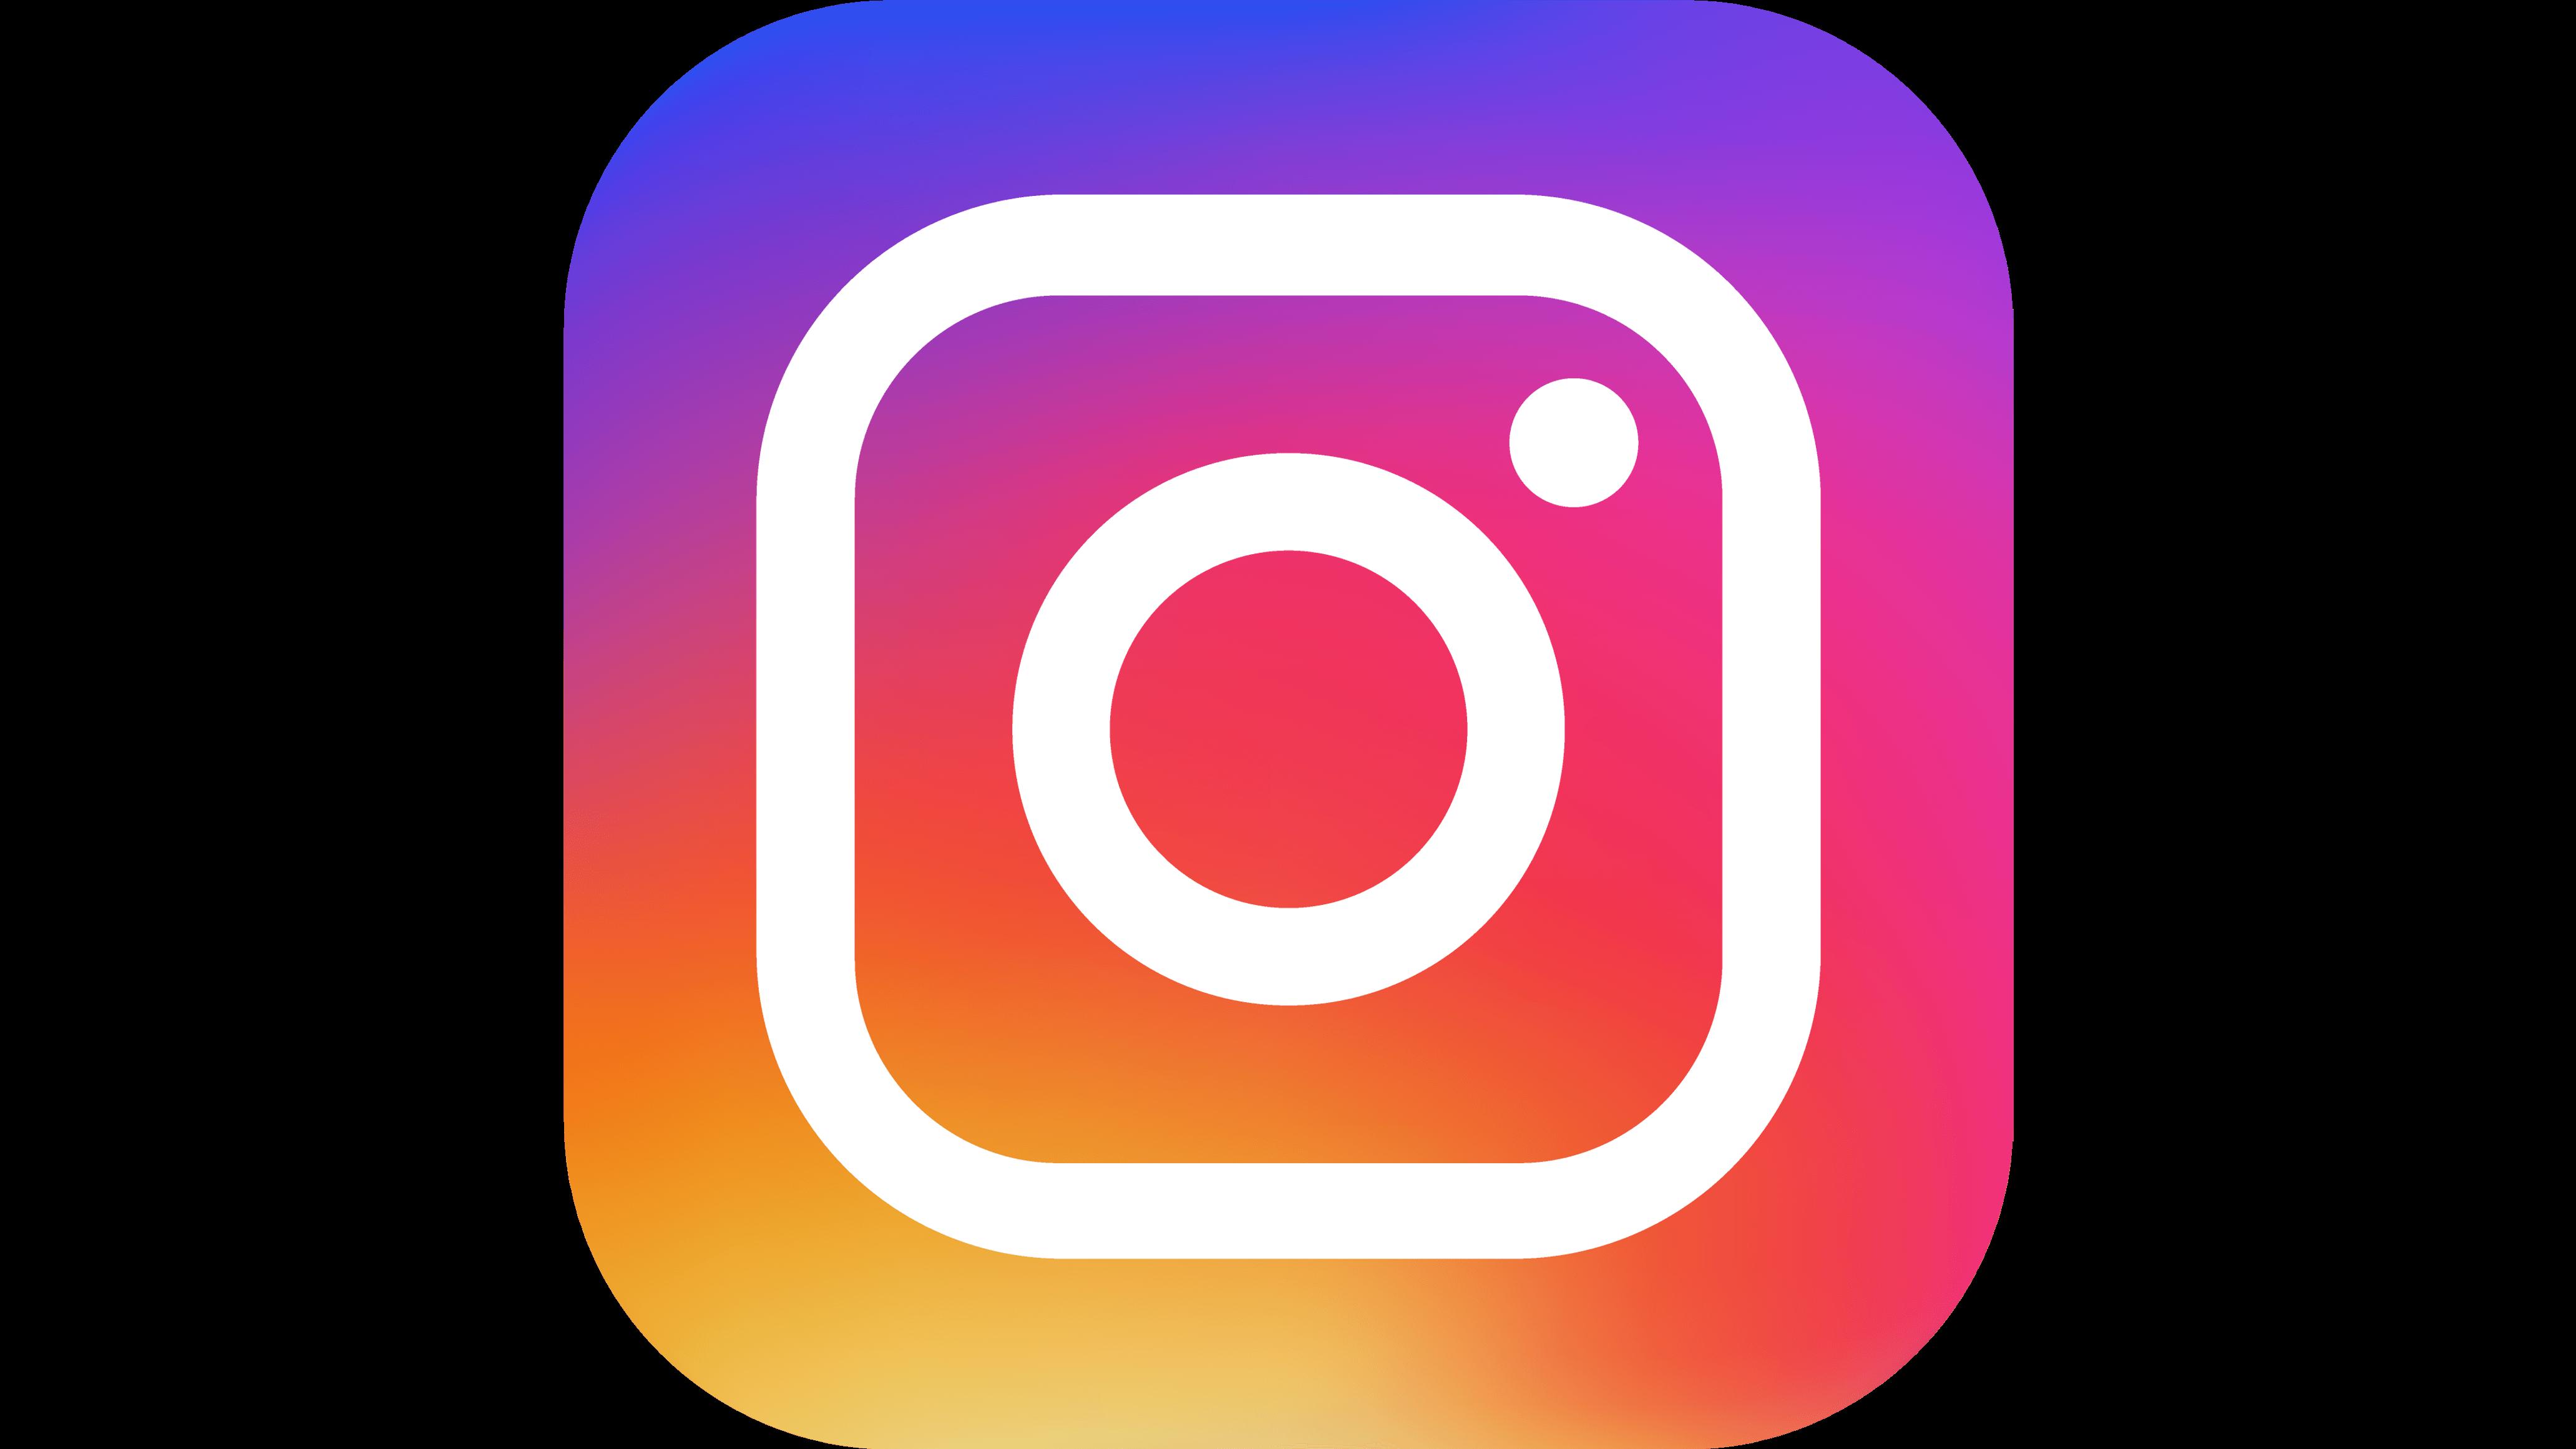 Download Logo Media Instagram Jpeg Social Free Frame HQ PNG.